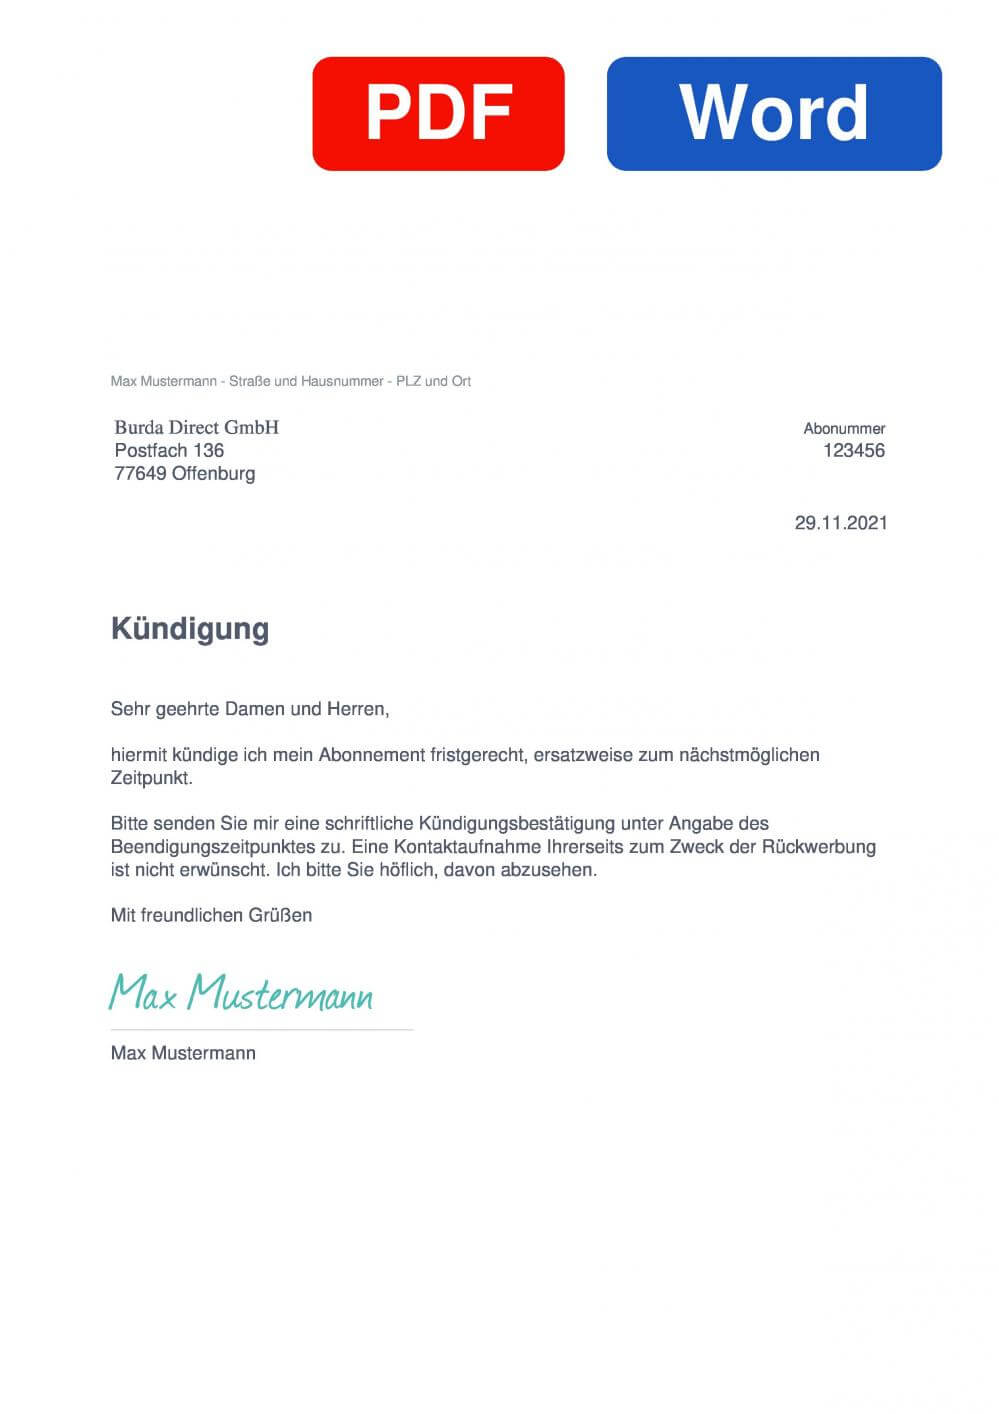 Liboriusblatt Muster Vorlage für Kündigungsschreiben